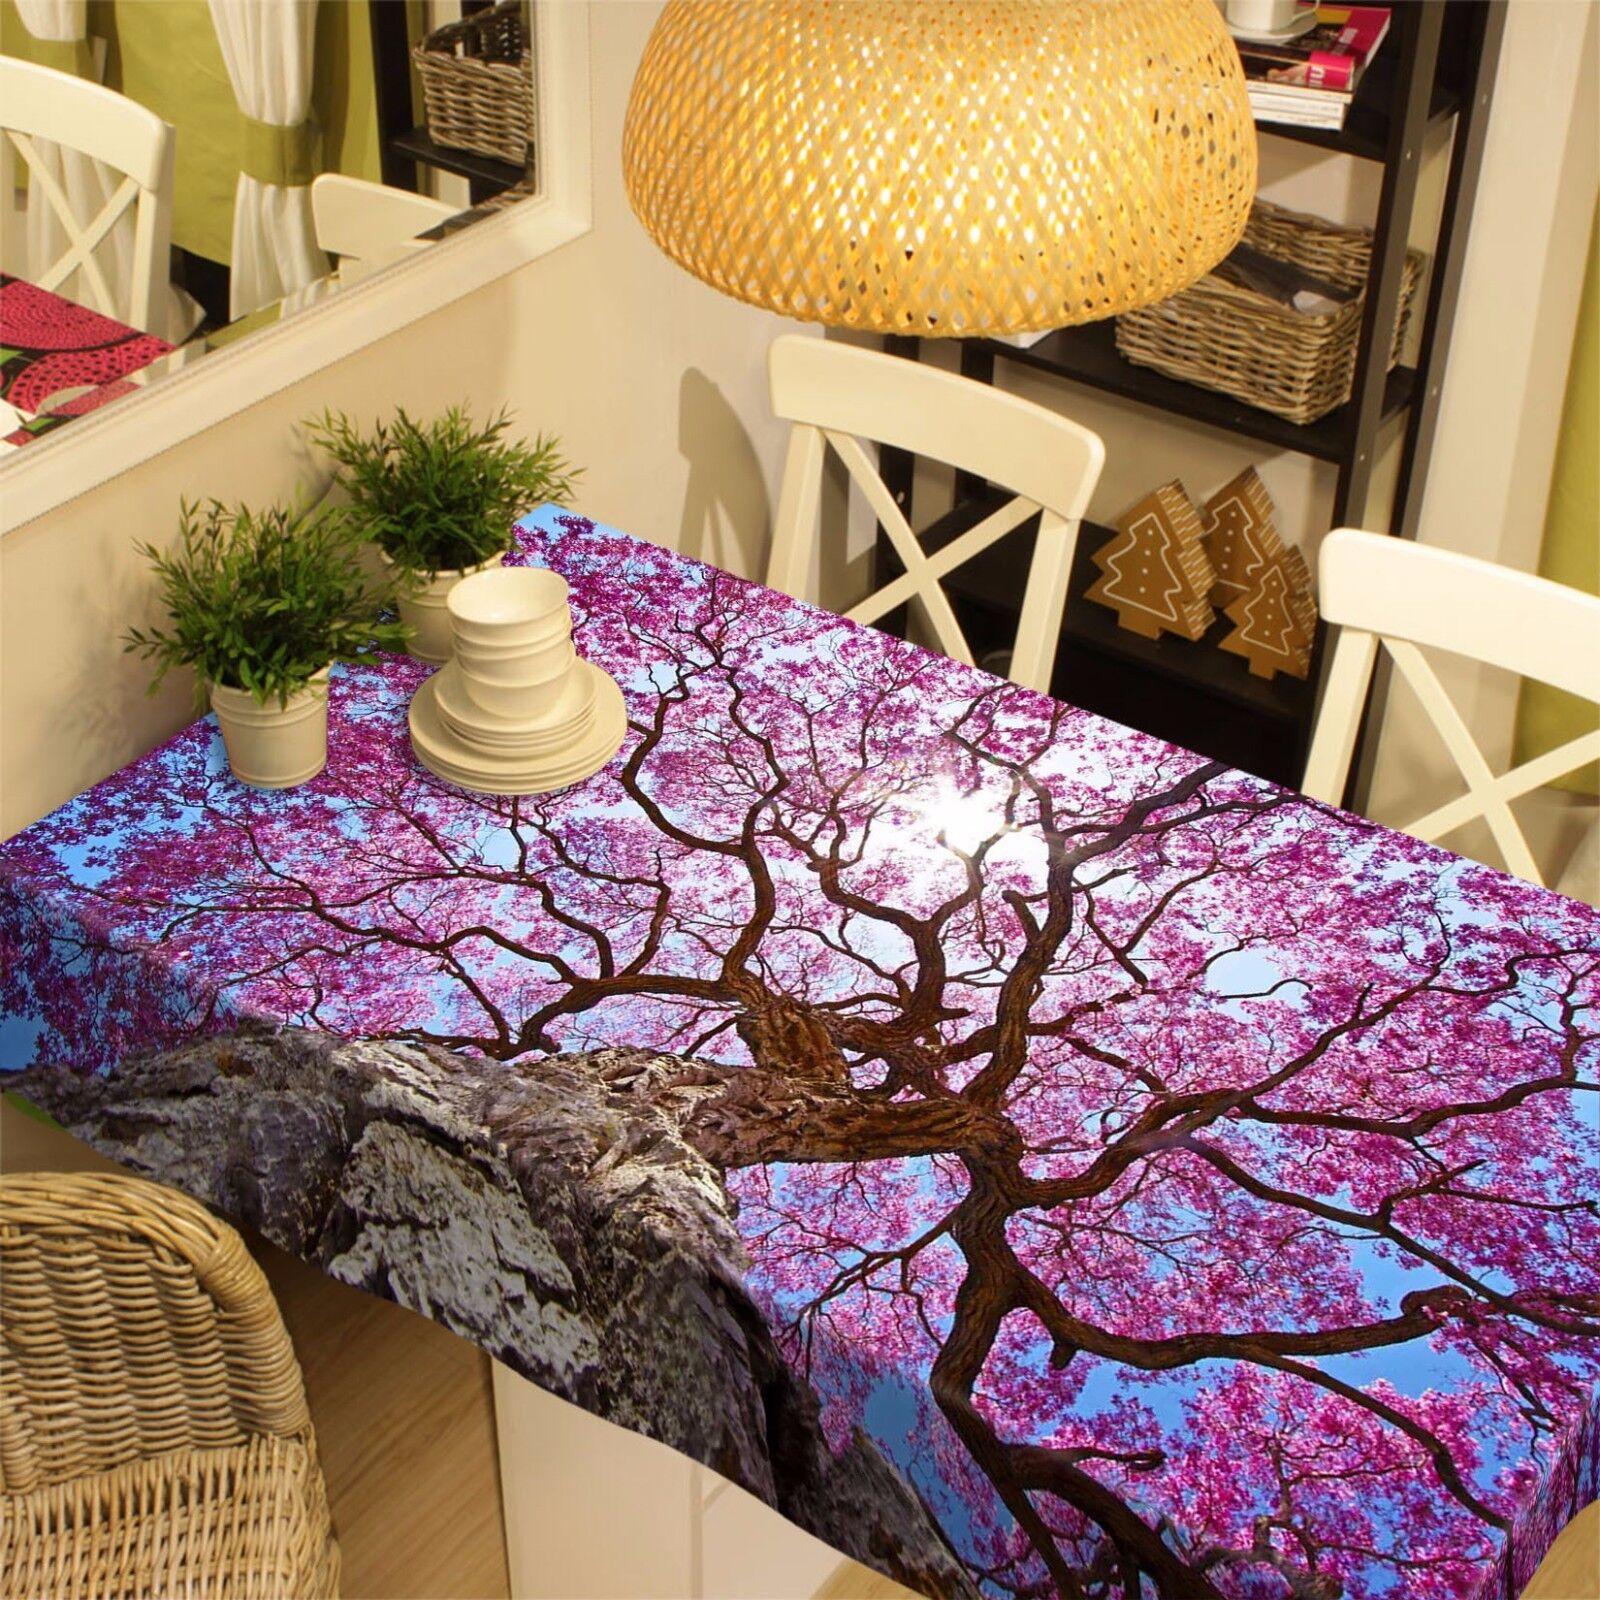 3D Rose Arbre 80 Nappe Table Cover Cloth Fête D'Anniversaire événement AJ papier peint UK